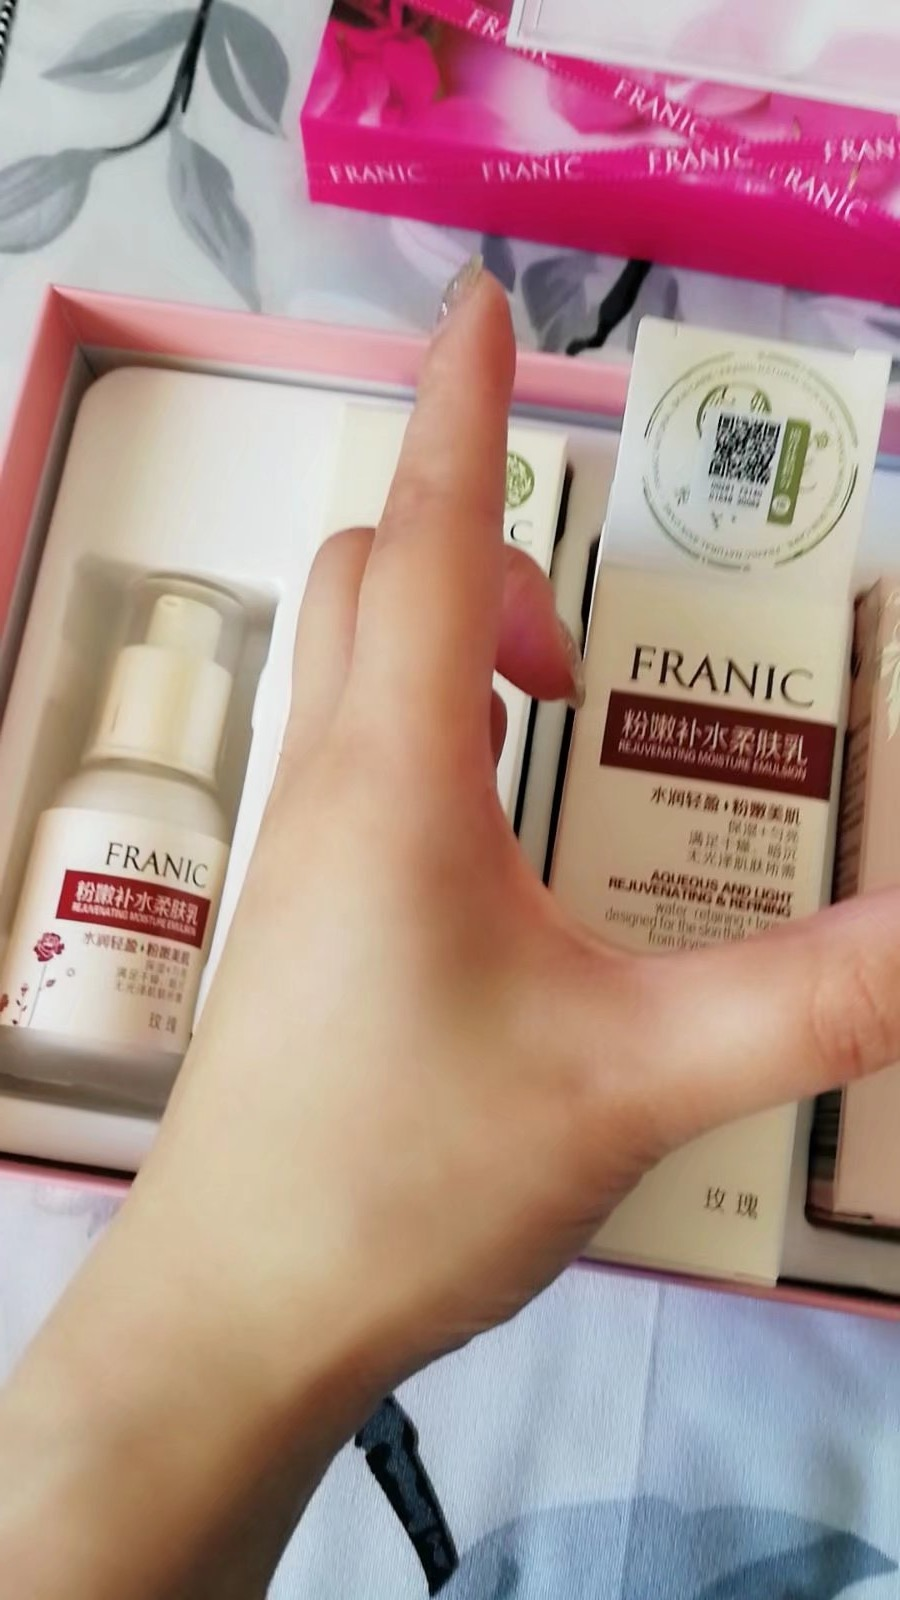 法蘭琳卡什么檔次,法蘭琳卡化妝品怎么樣